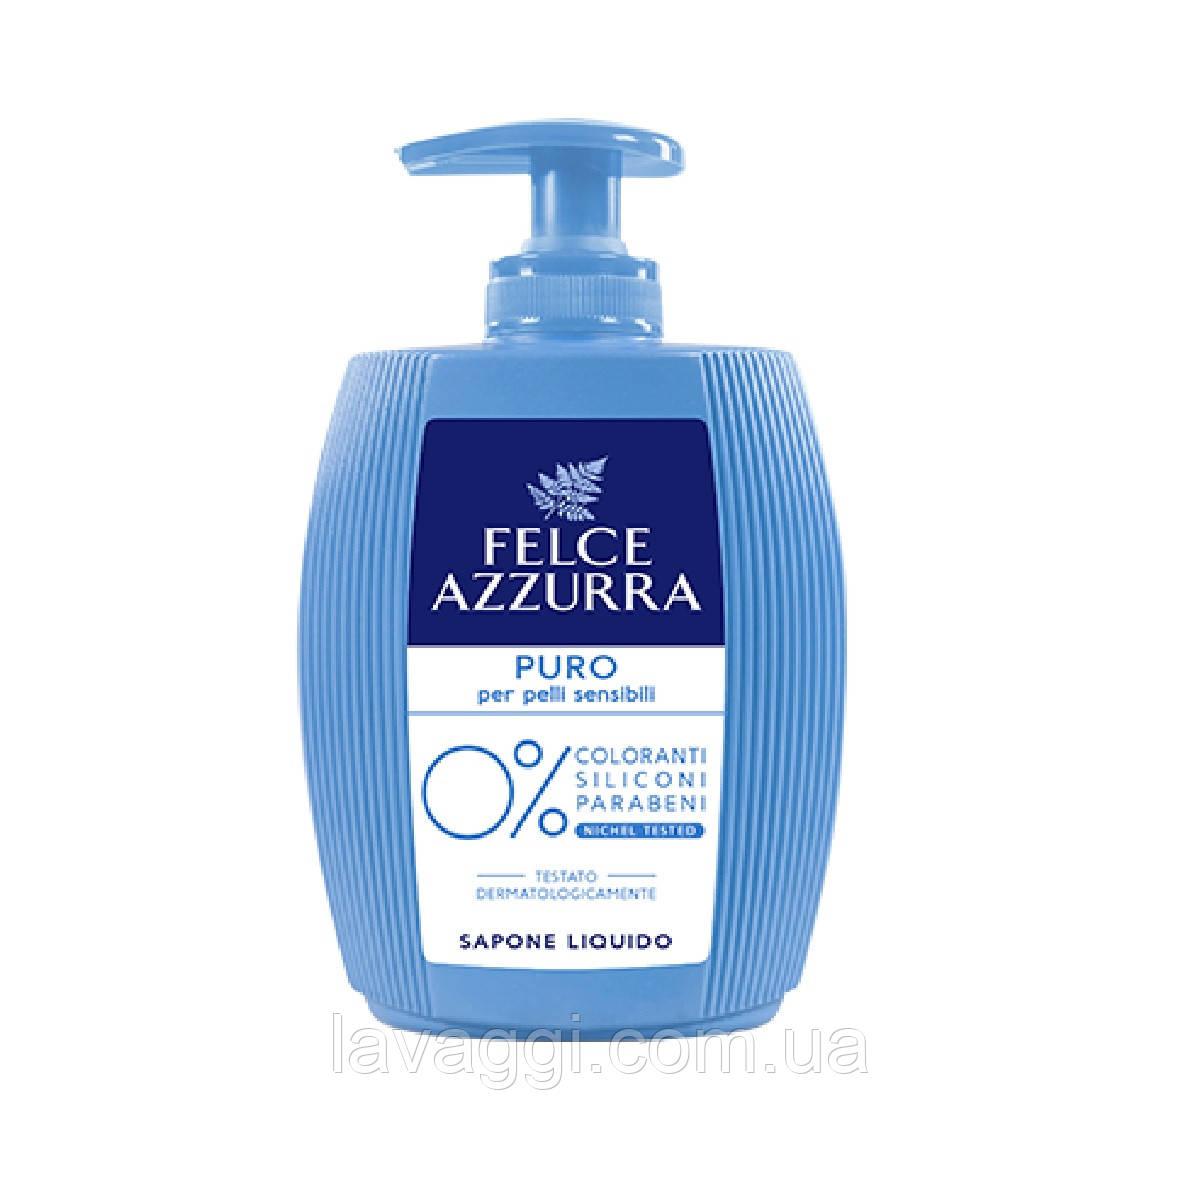 Жидкое мыло для чувствительной кожи Felce Azzurra Liquid Soap Puro 0% 300 ml